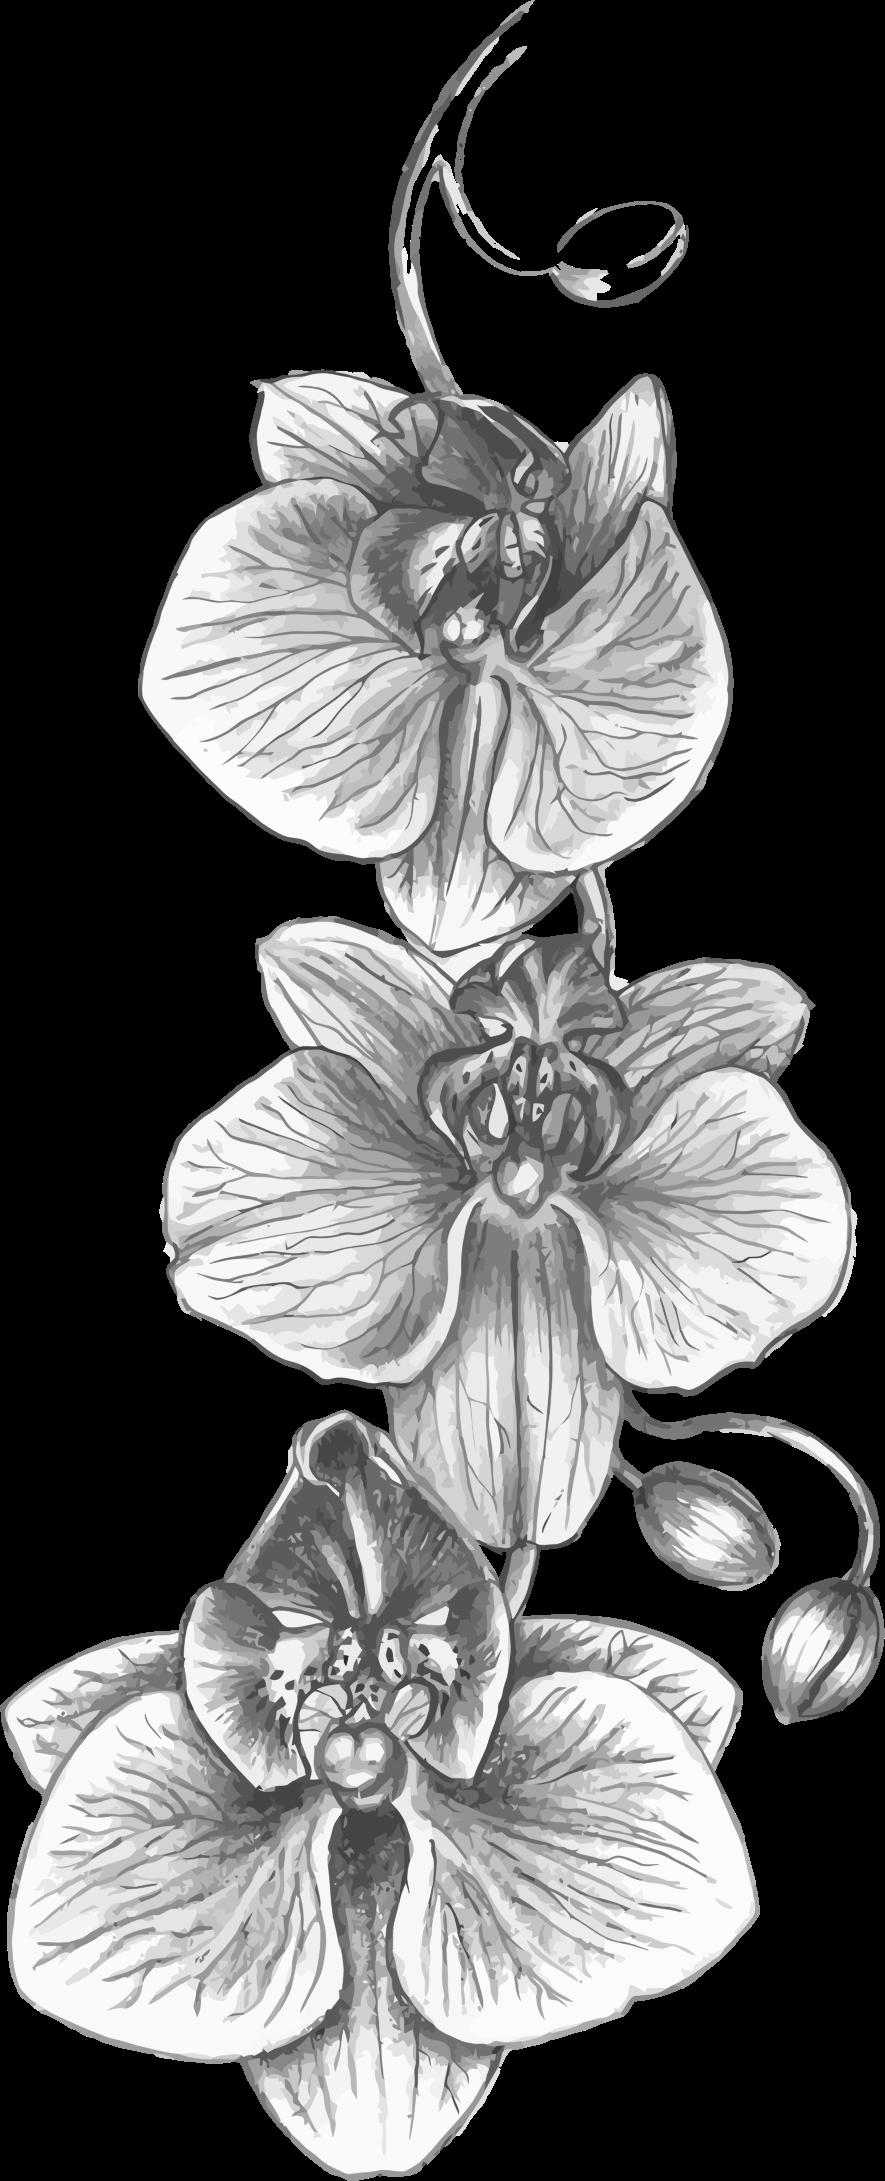 Sketch clipart orchid Orchid Orchid Sketch Clipart Sketch